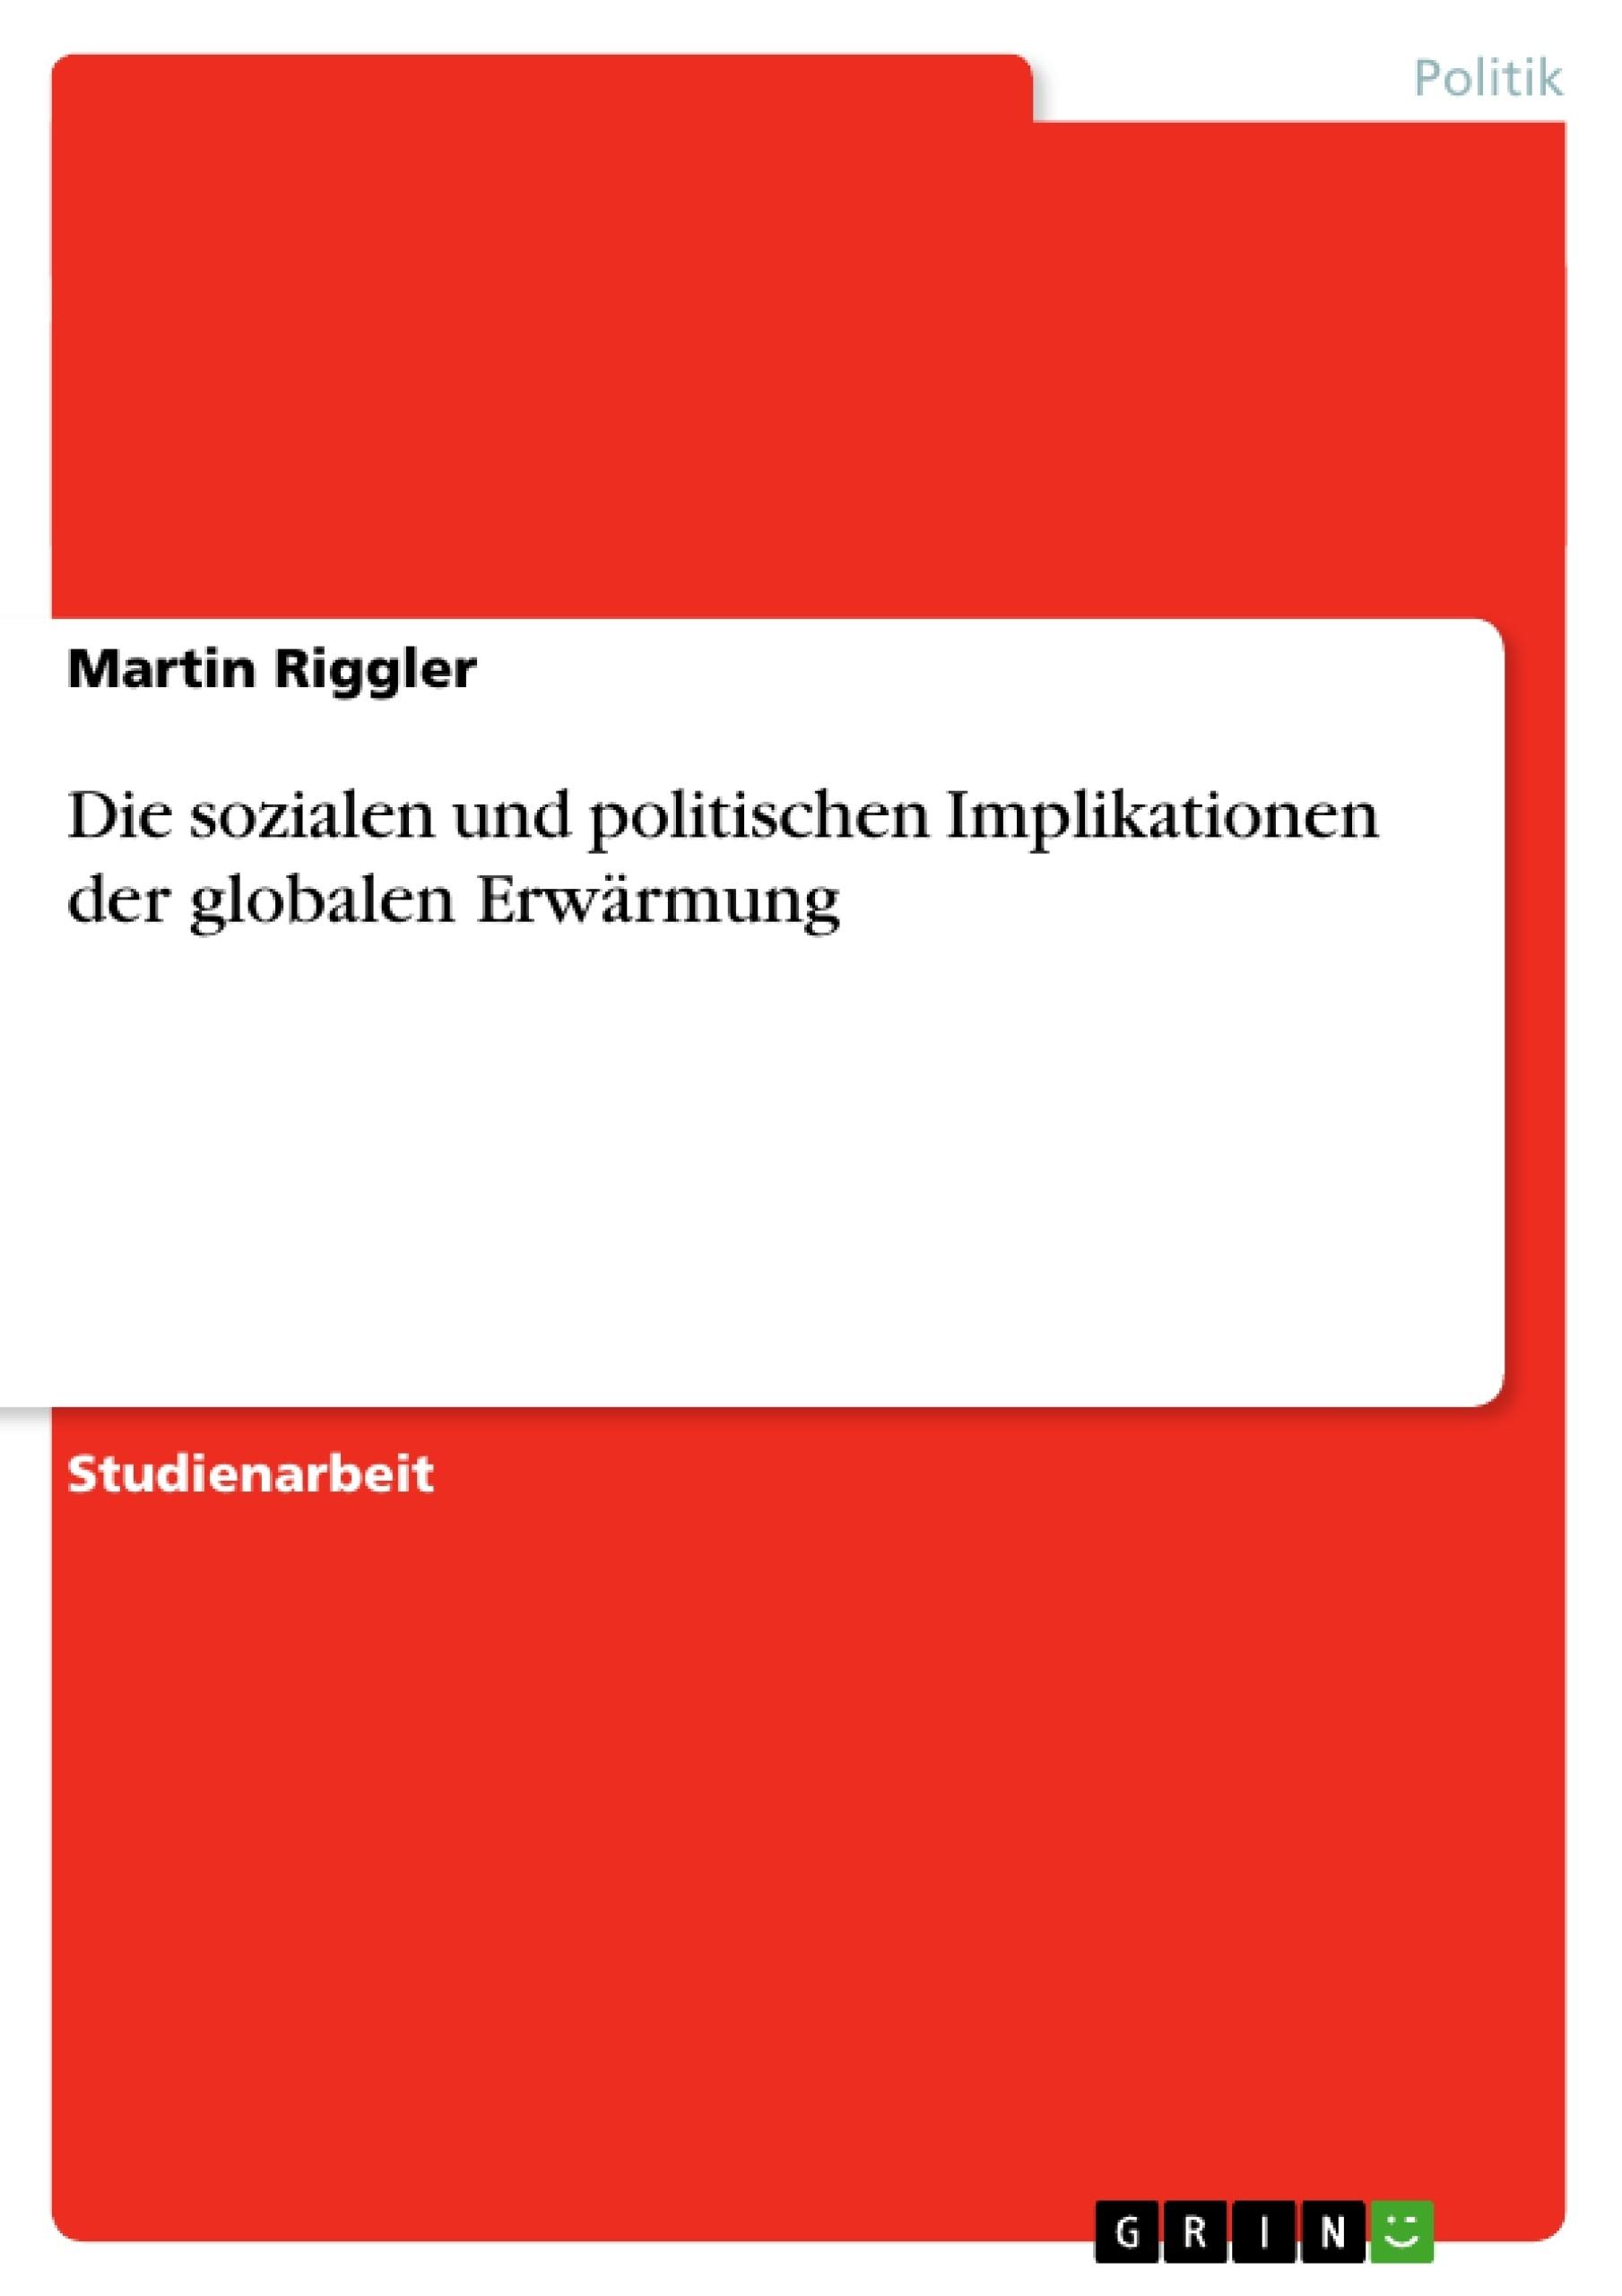 Titel: Die sozialen und politischen Implikationen der globalen Erwärmung